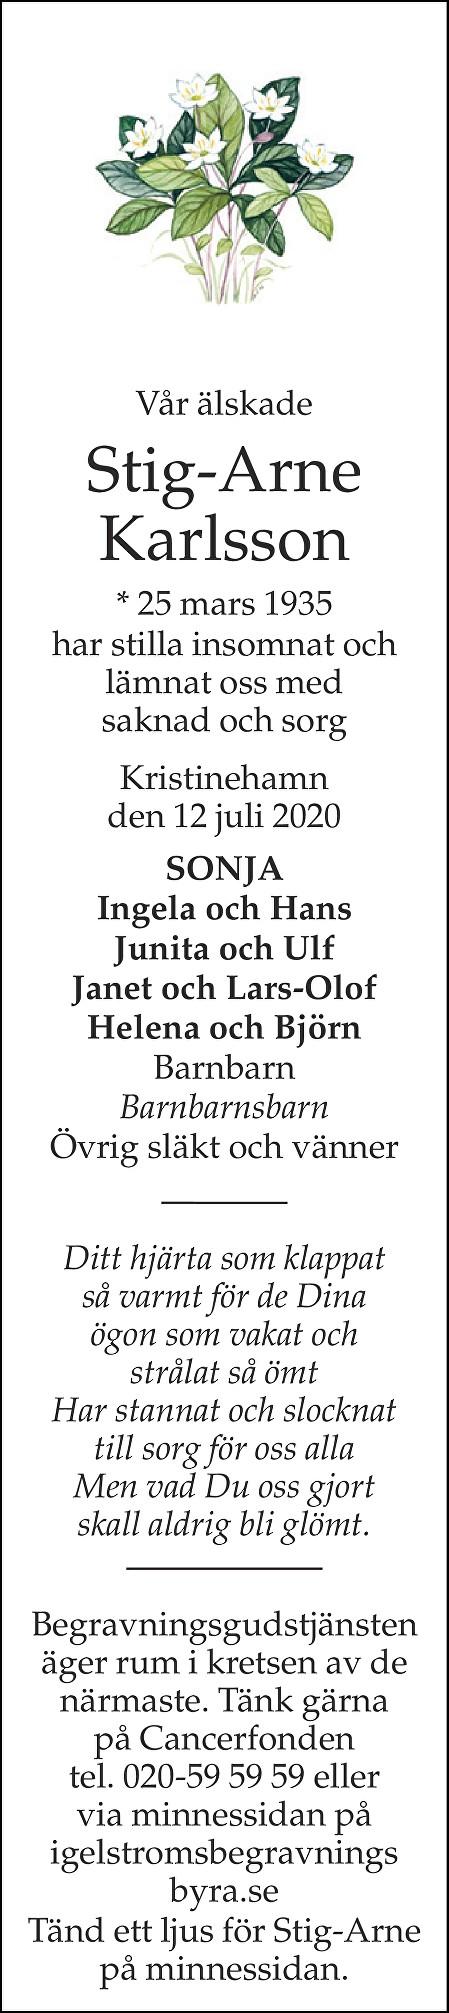 Stig-Arne Karlsson Death notice